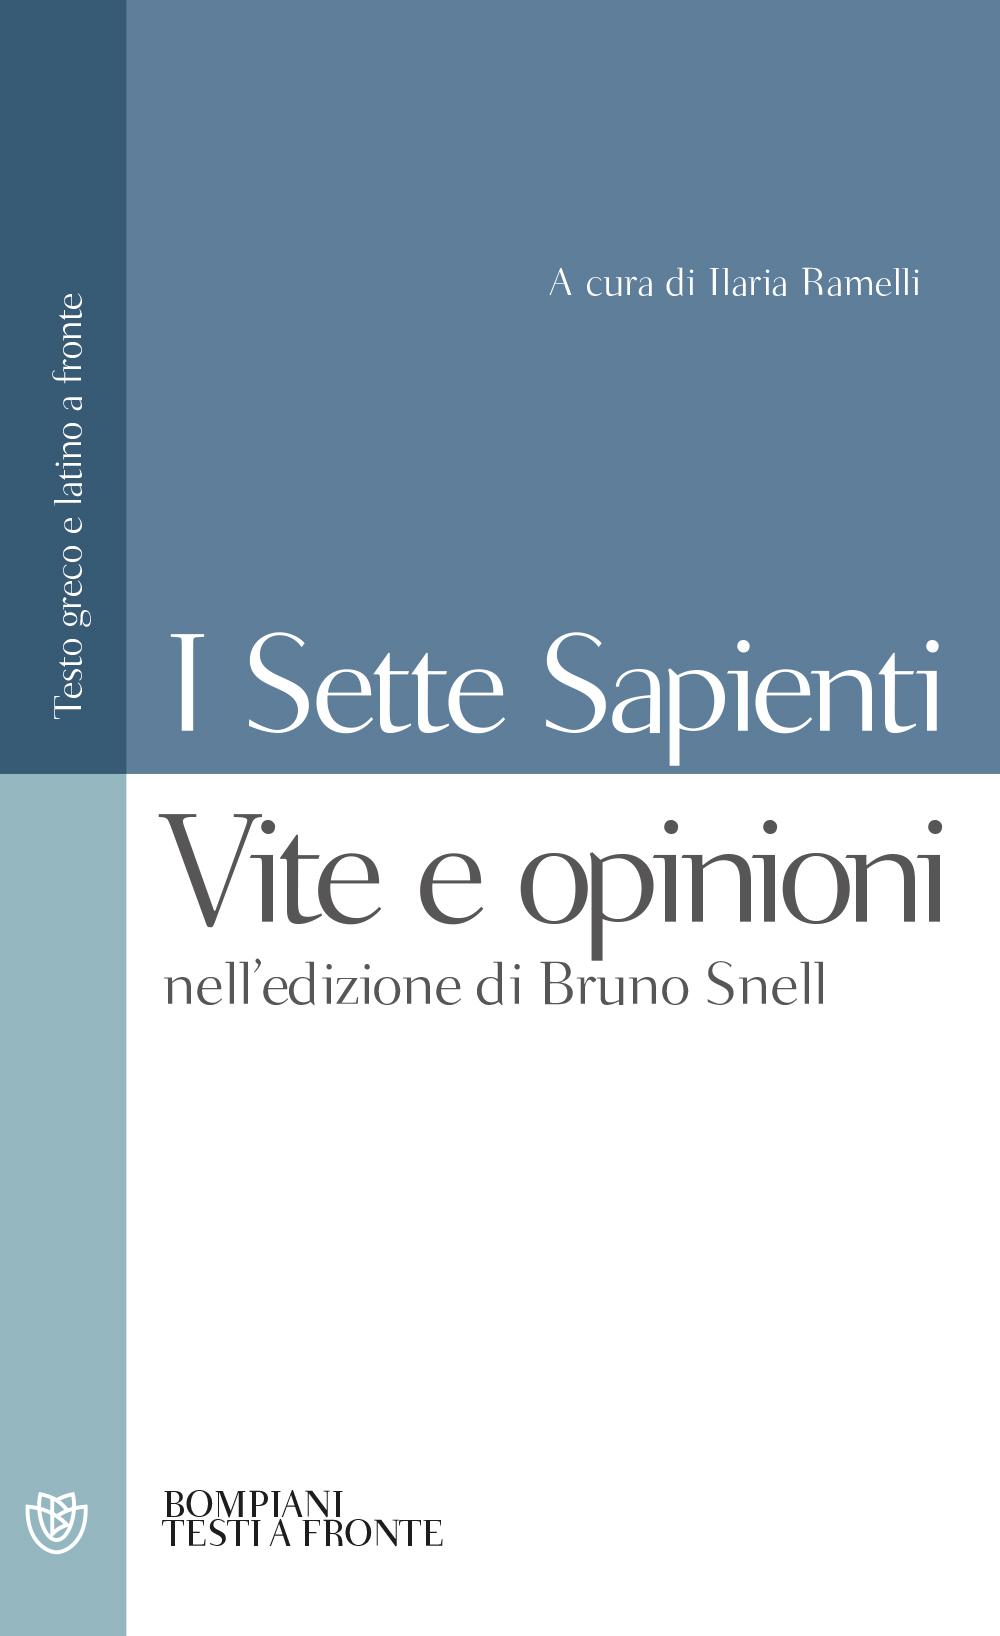 I sette sapienti. Vite e opinioni. Nell'edizione di Bruno Snell. Testo greco e latino a fronte